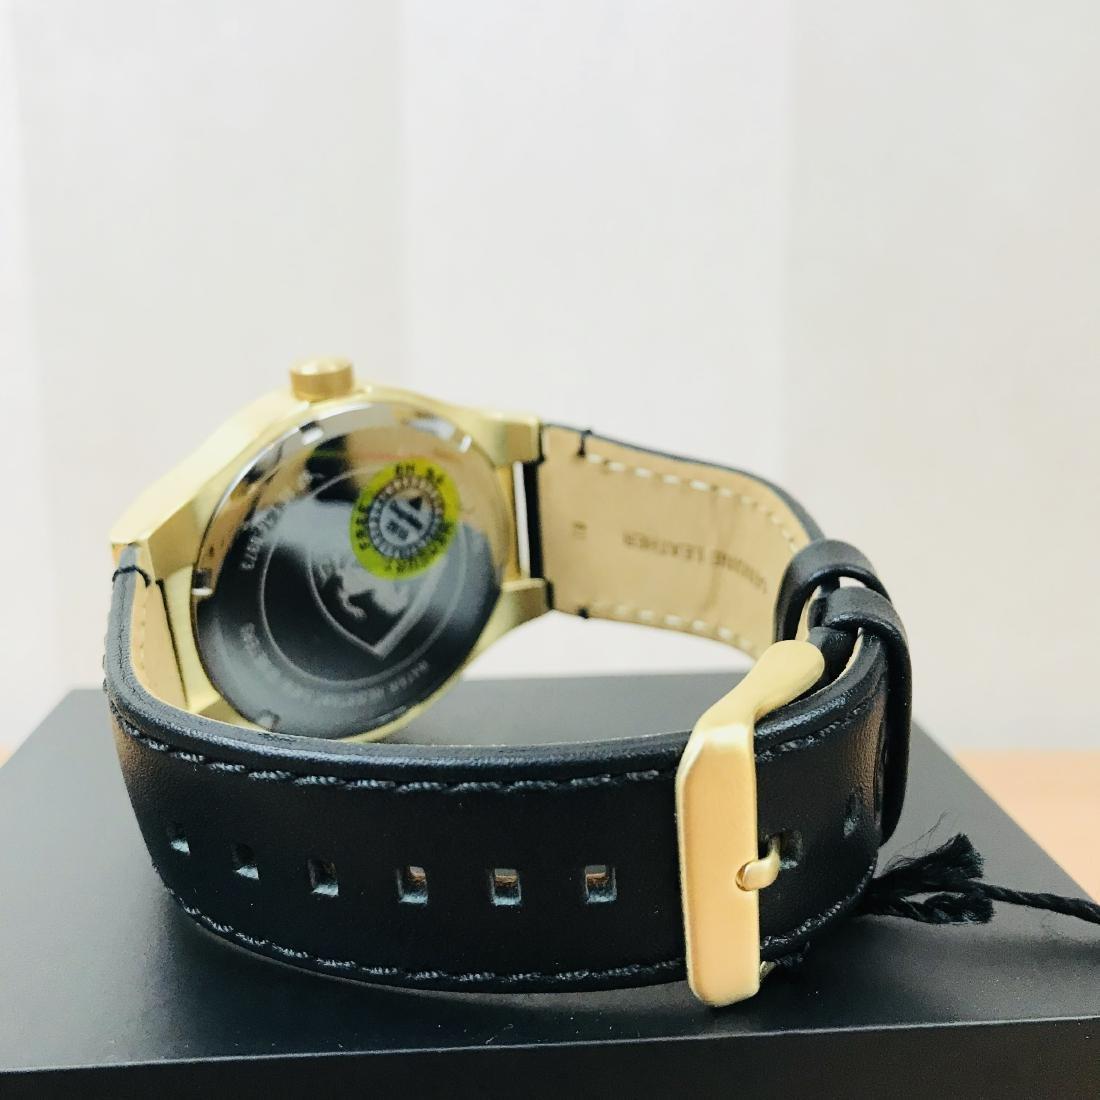 Scuderia Ferrari – SPECIALE Men's Gold Plated Watch - 6